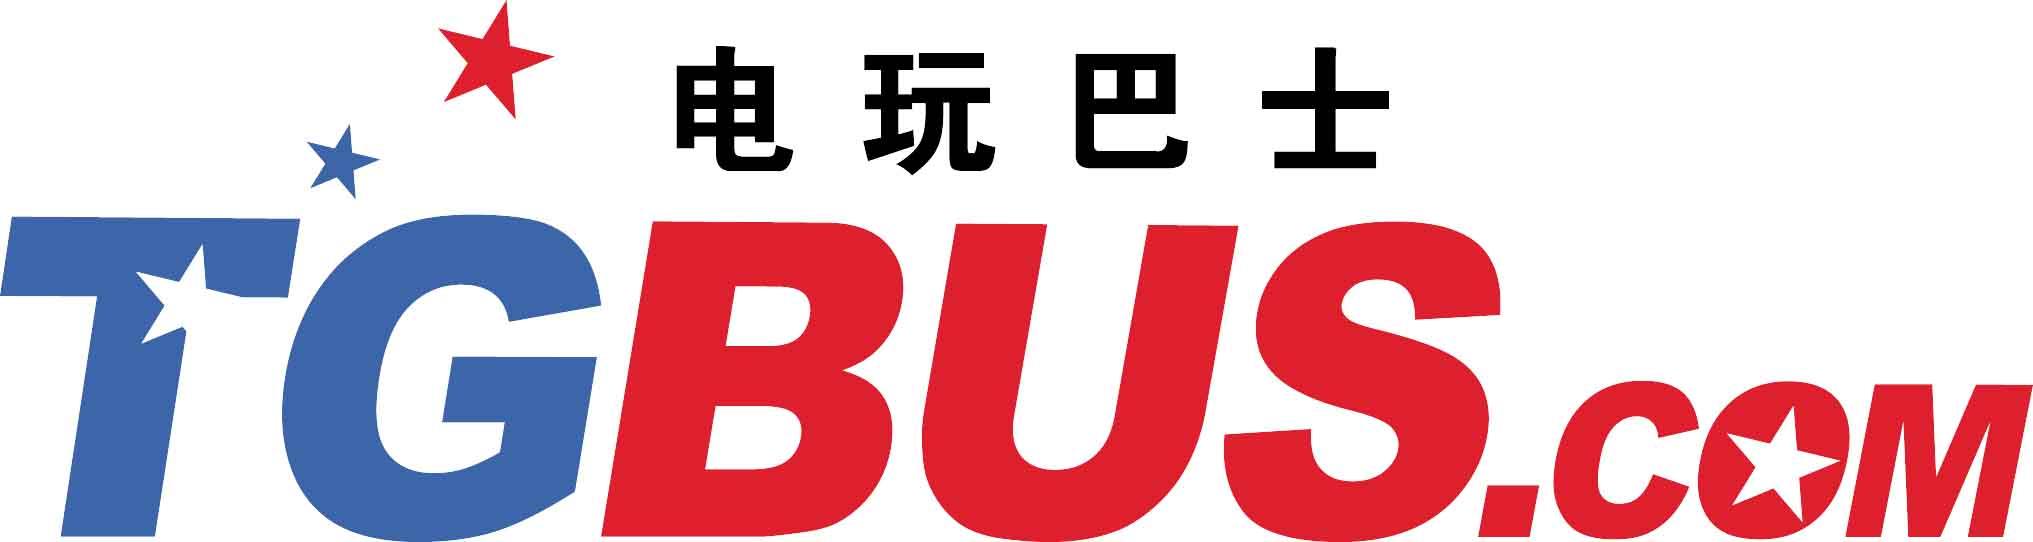 Tgbus_logo